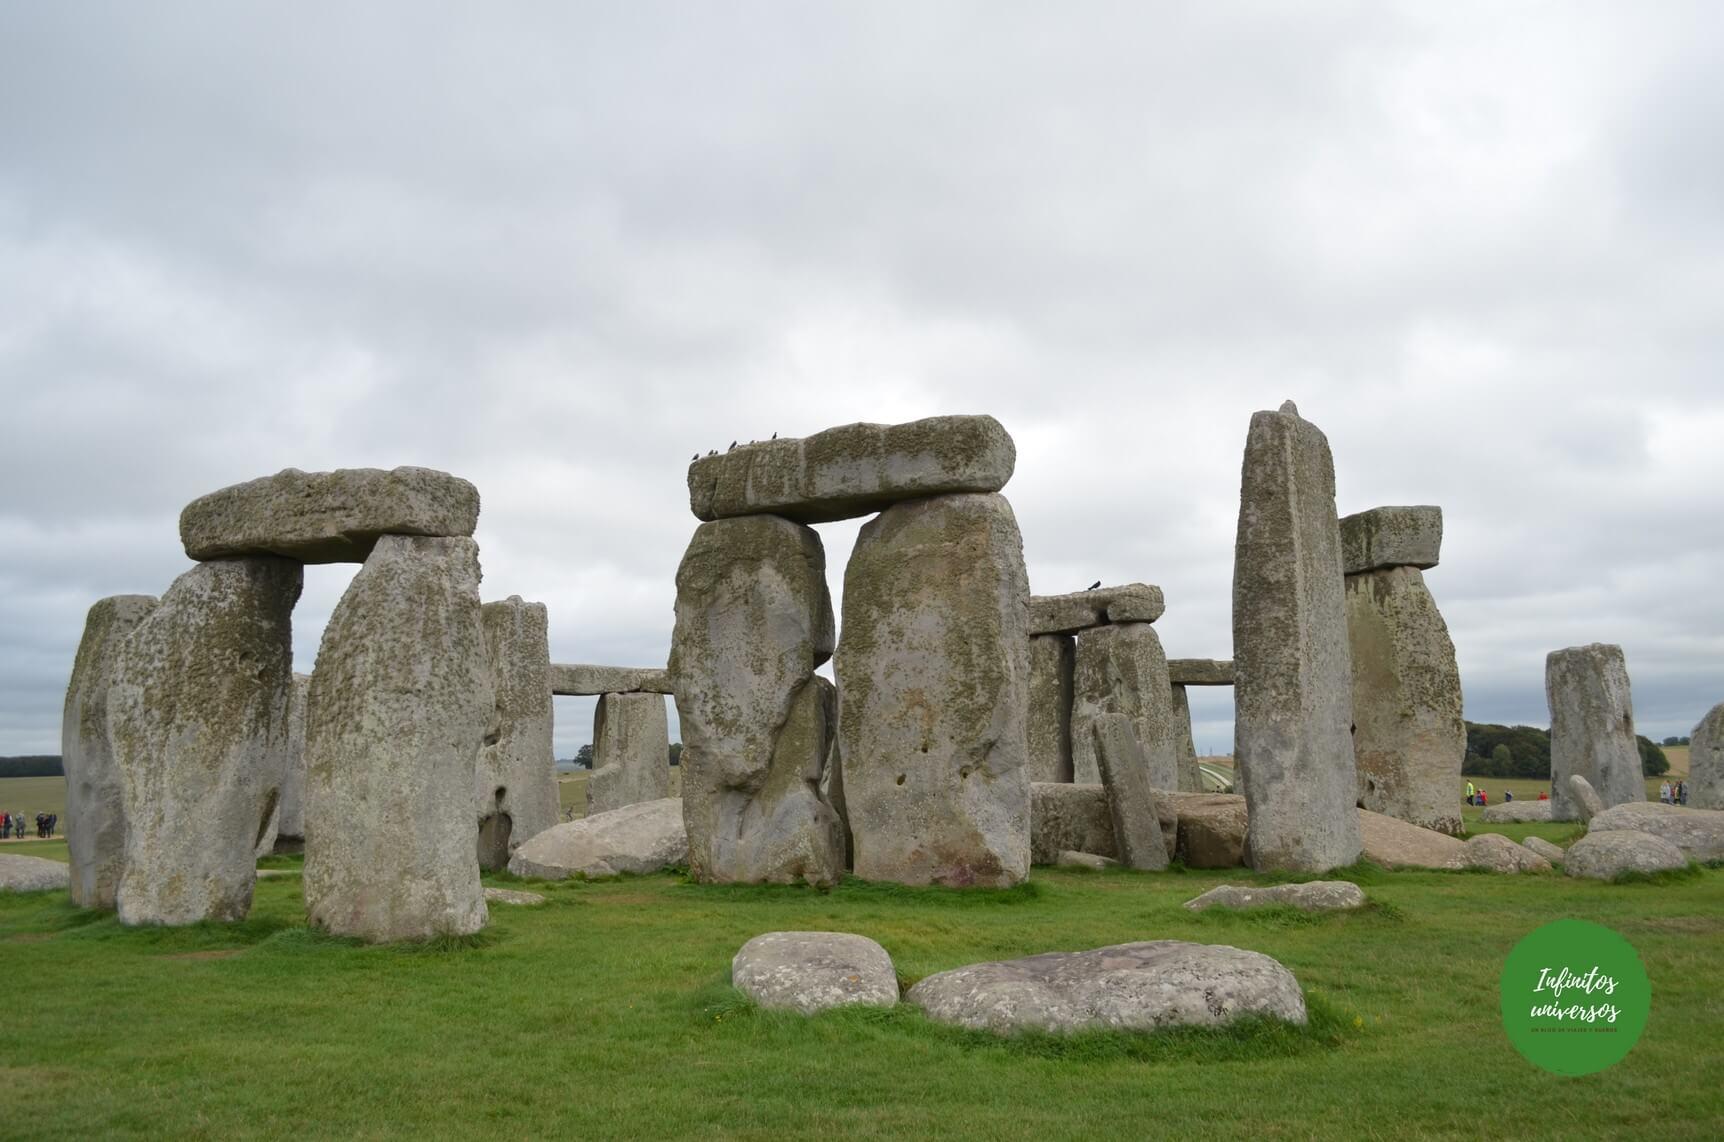 Visita a Stonehenge: entradas, cómo llegar y consejos